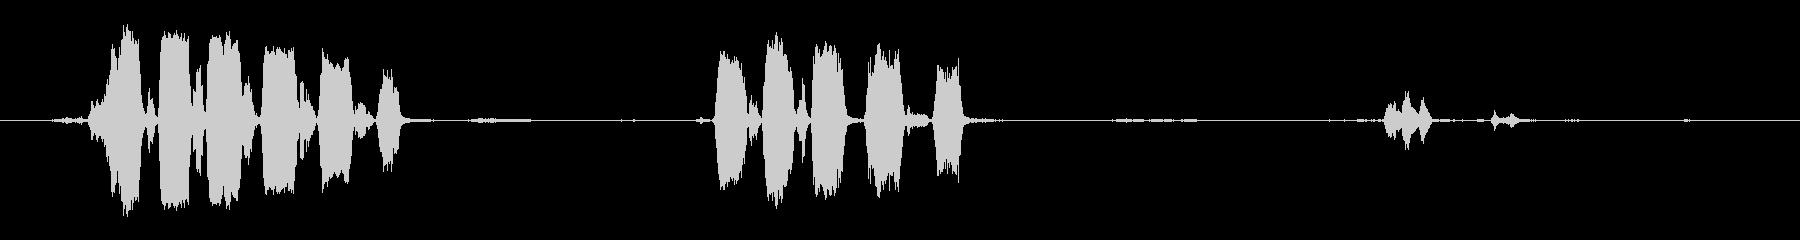 熱帯の鳥:大音量のYelp、間近の未再生の波形